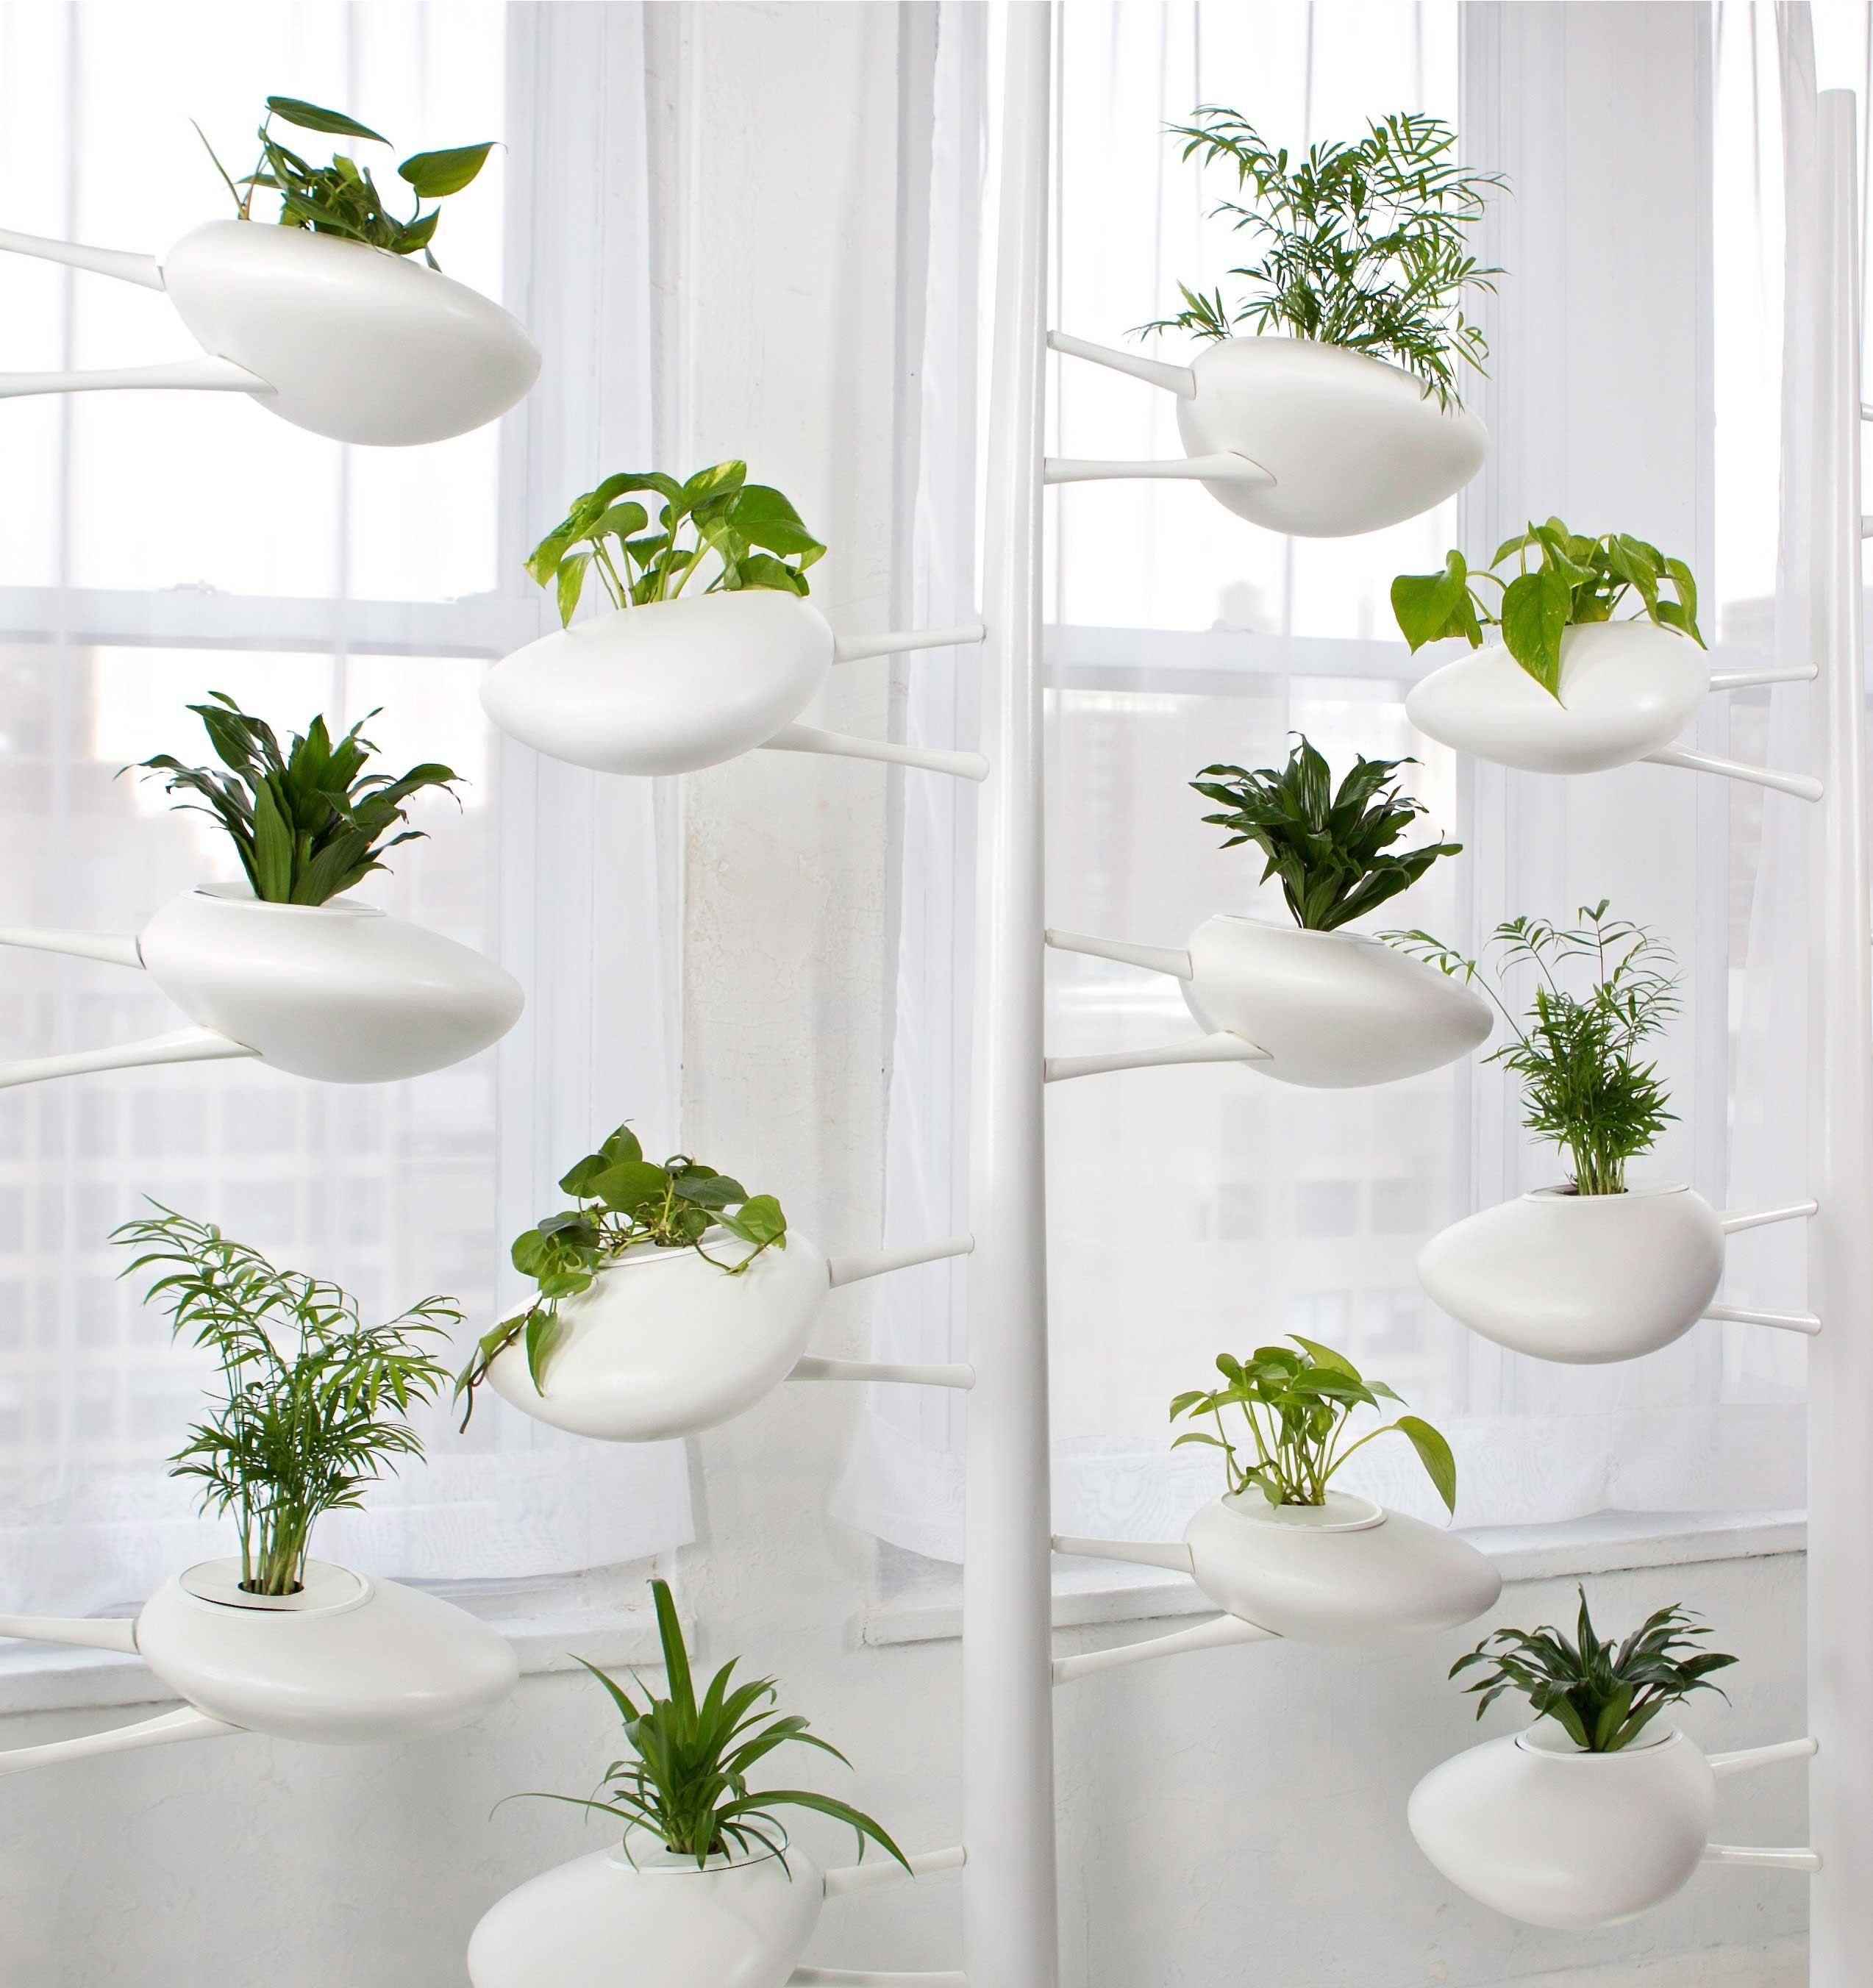 Moderne Hydrokultur Systeme für Haus und Garten Haus dekoration ...